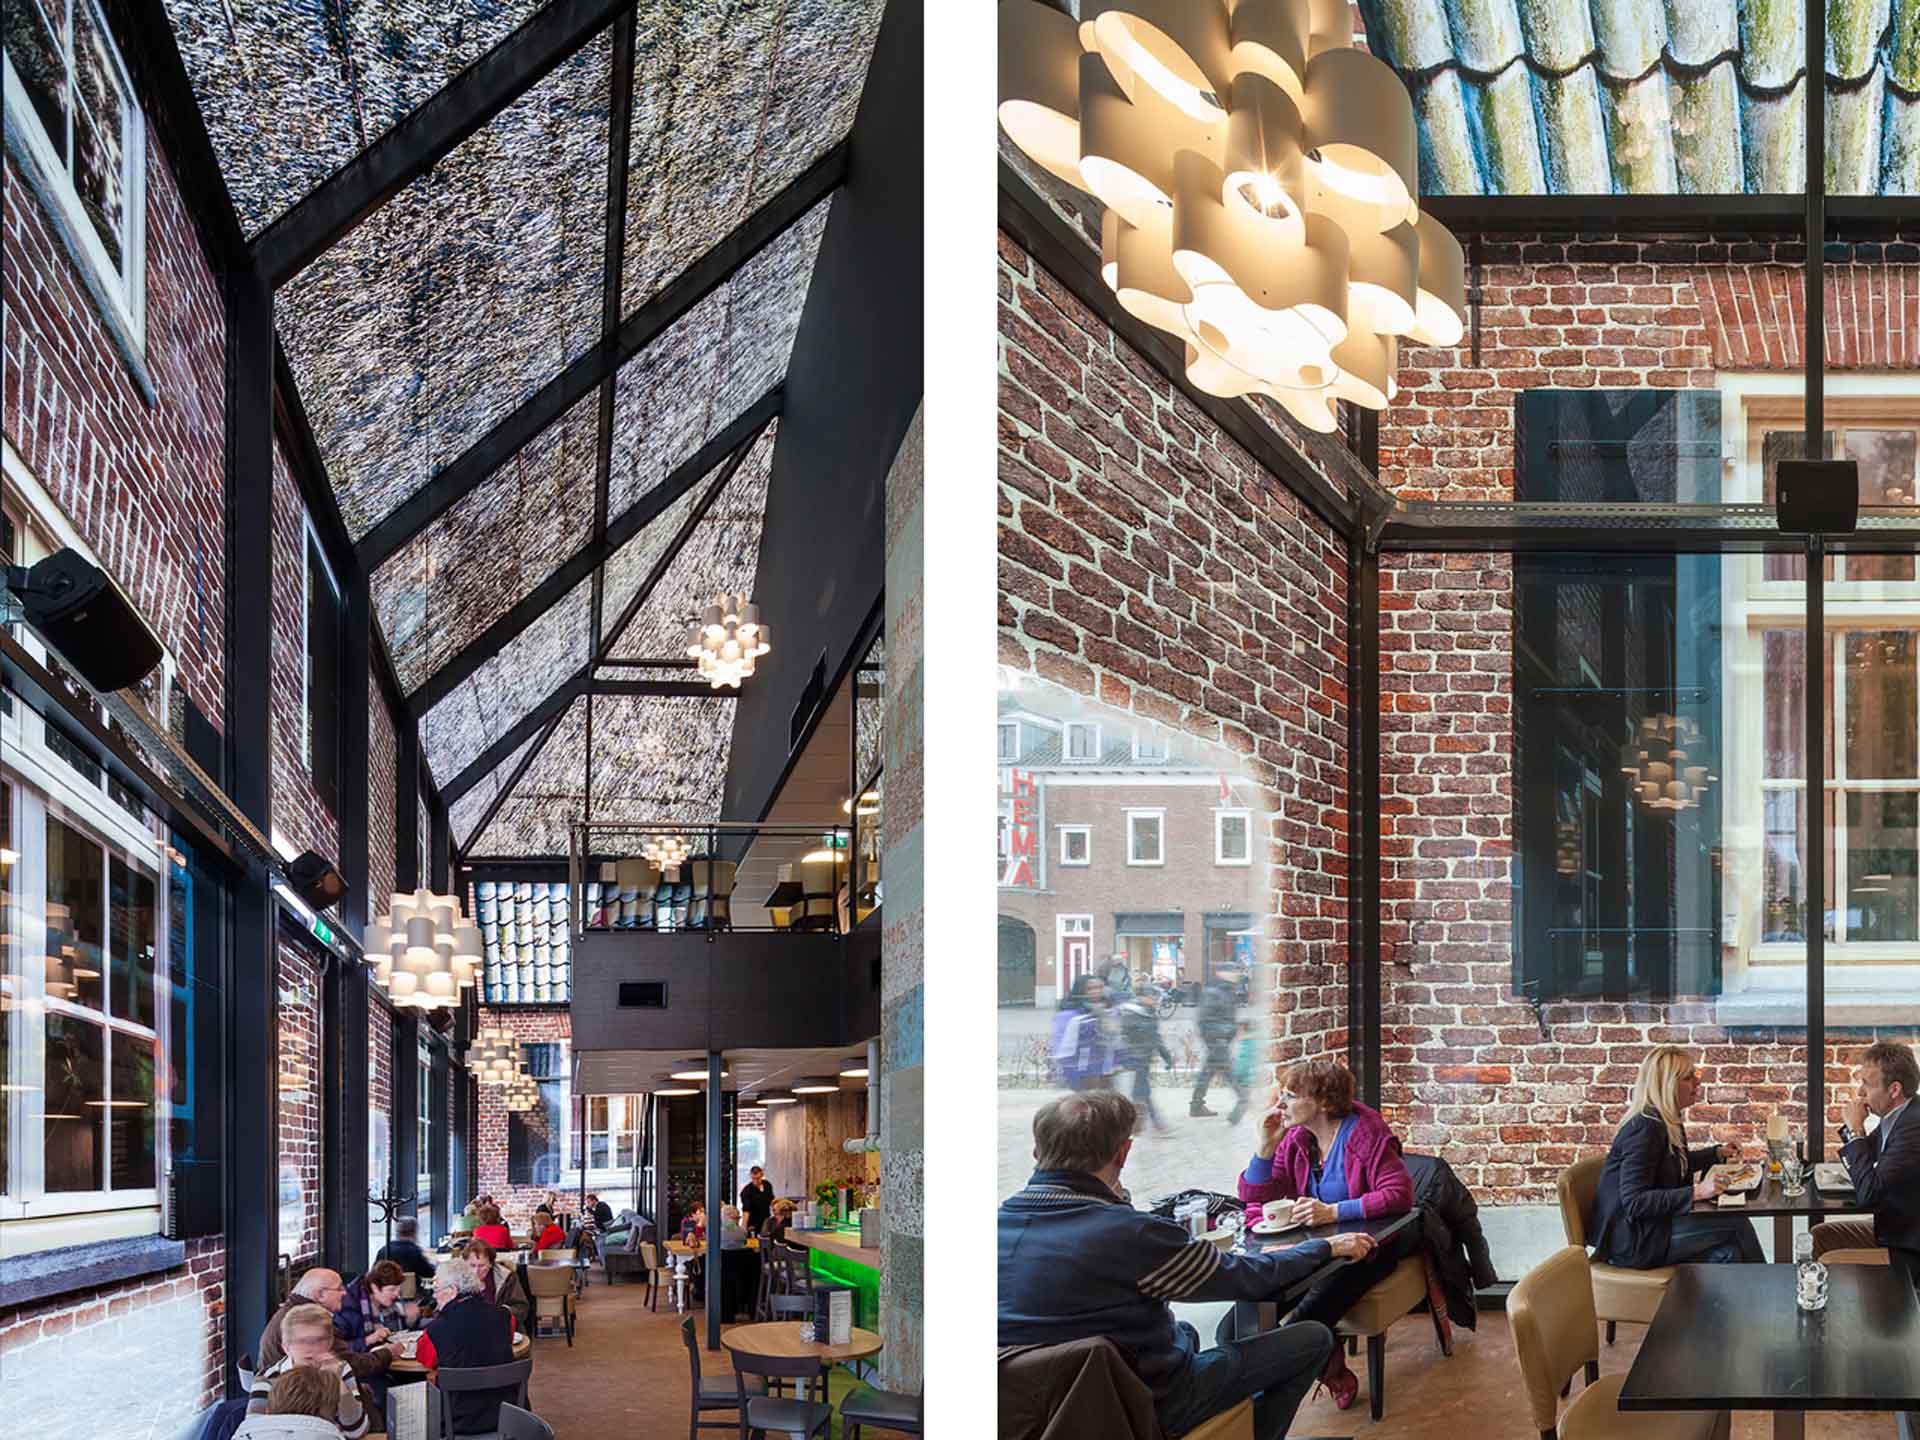 主持玻璃農舍設計的MVRDV巧妙運用藝術家Frank van der Salm的影像創作,將磚牆、茅草等典型建築的影像拼貼於玻璃上,猶如穿透時空看見古今。圖/https://www.mvrdv.nl/en/projects/glass-farm